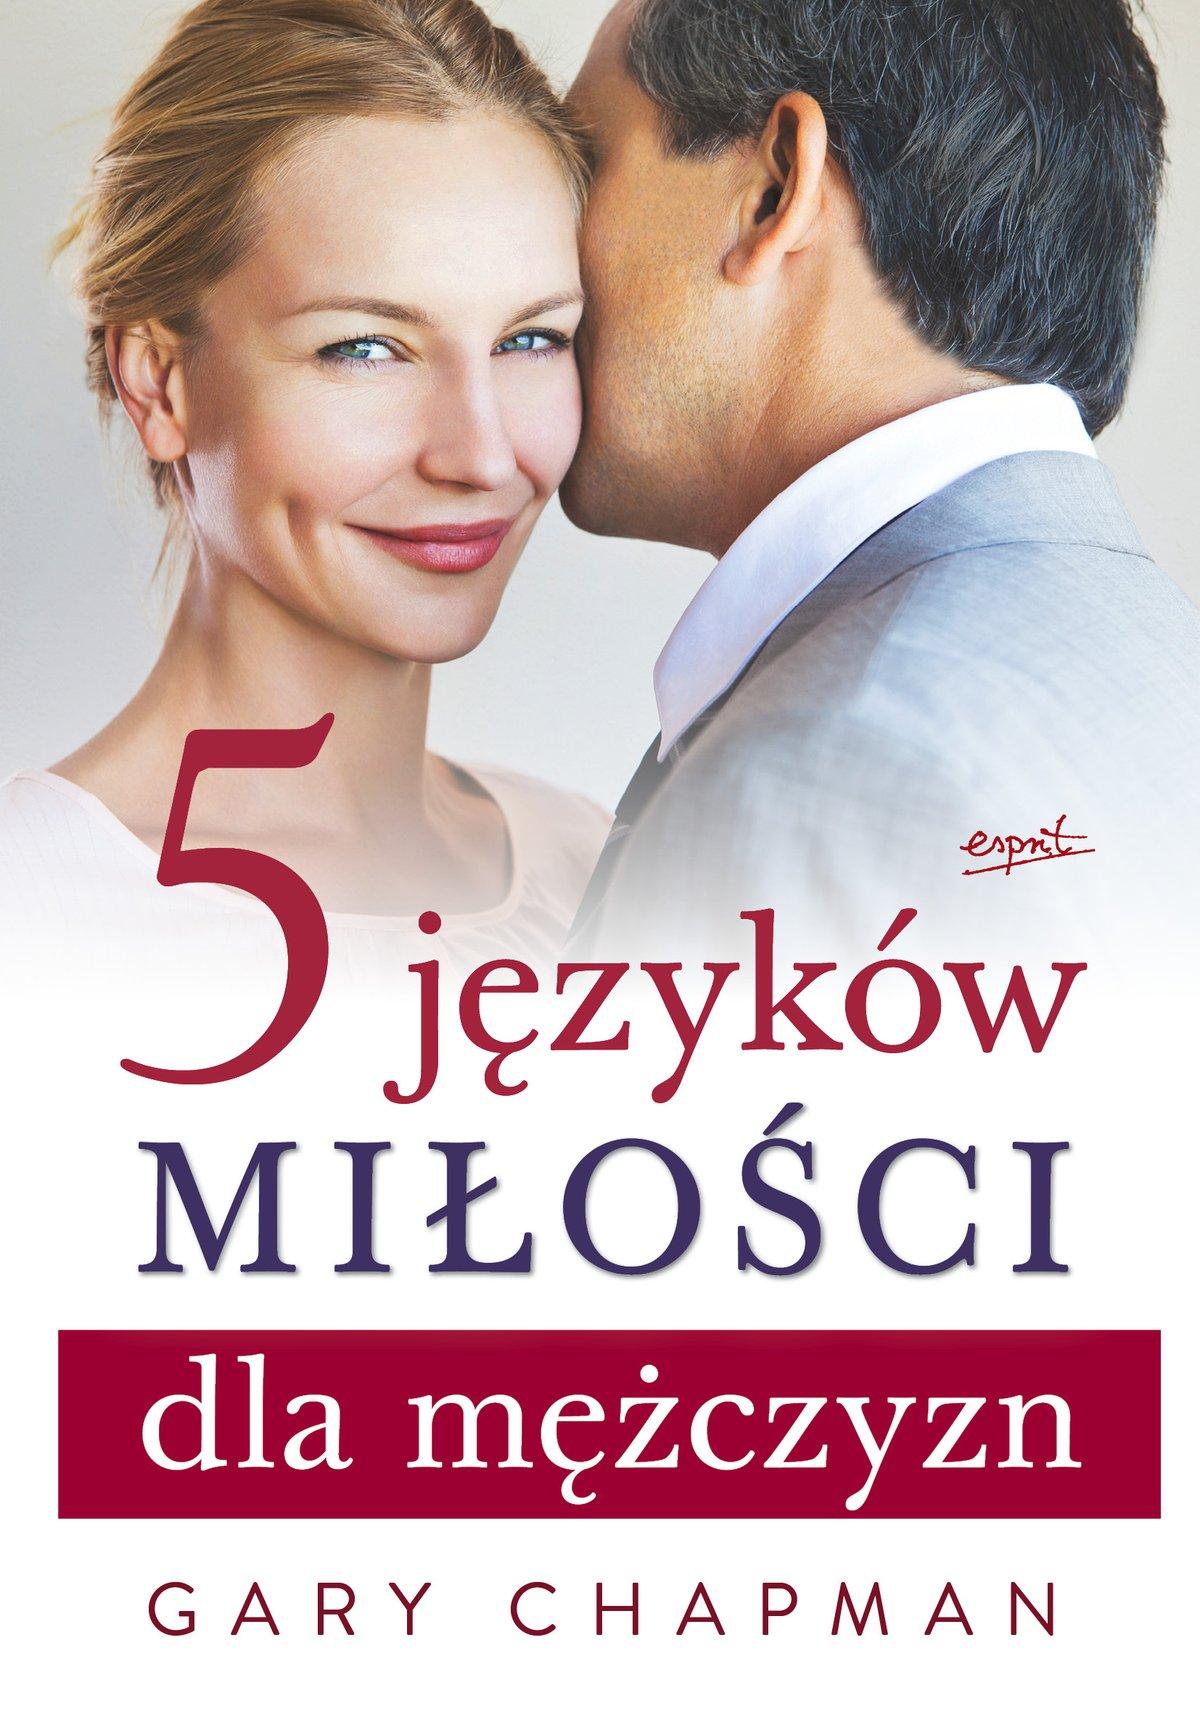 5 języków miłości dla  mężczyzn - Ebook (Książka na Kindle) do pobrania w formacie MOBI